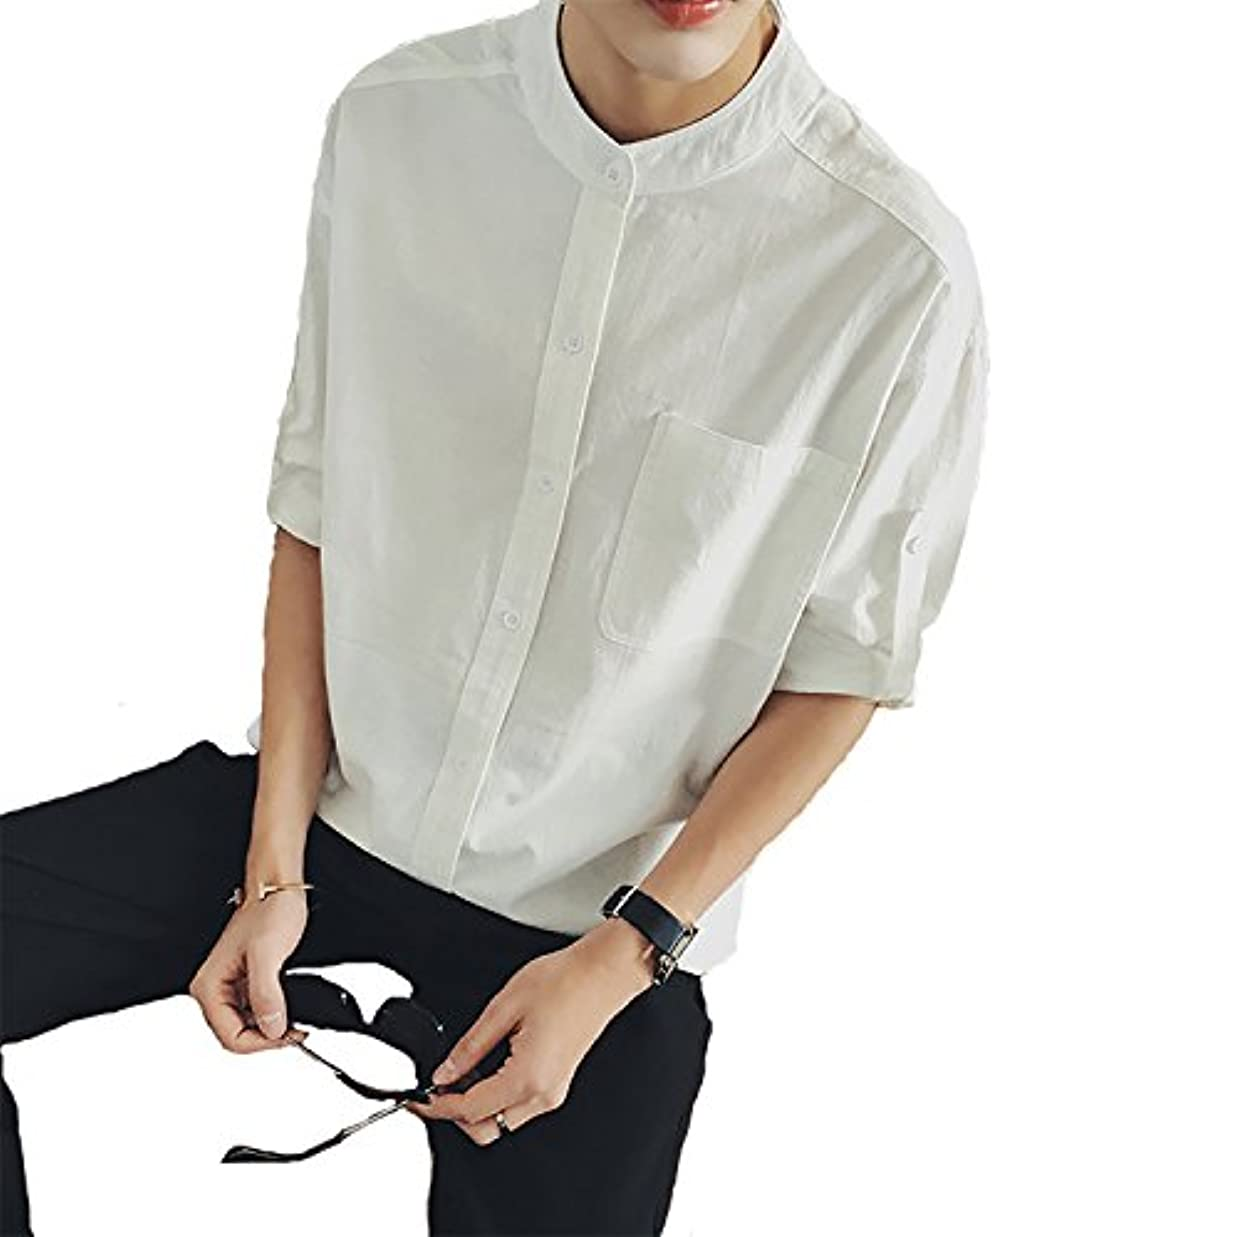 学部長真珠のようなターゲット(ケイミ) KEIMI リネンシャツ メンズ 白 綿麻シャツ 五分 七分袖 アウター ジャケット 男 スタイル 抜け感